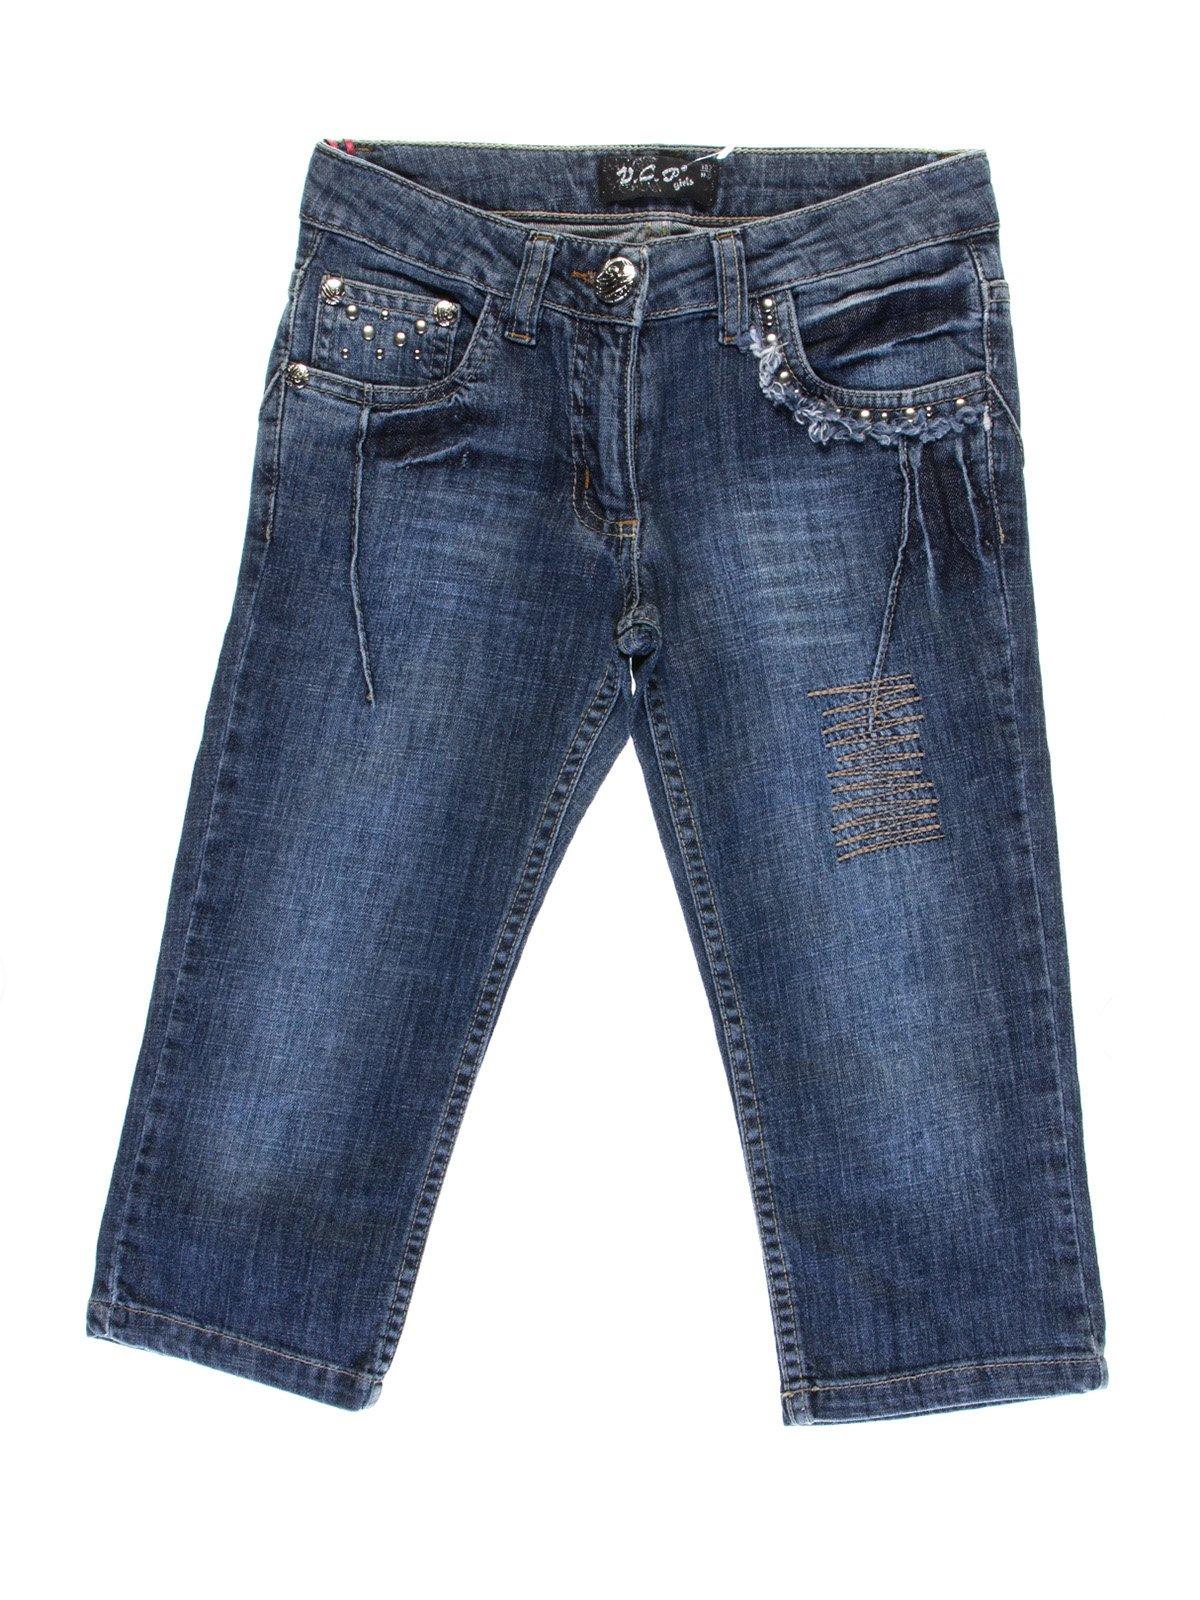 Капри синие джинсовые с эффектом потертых   1076949